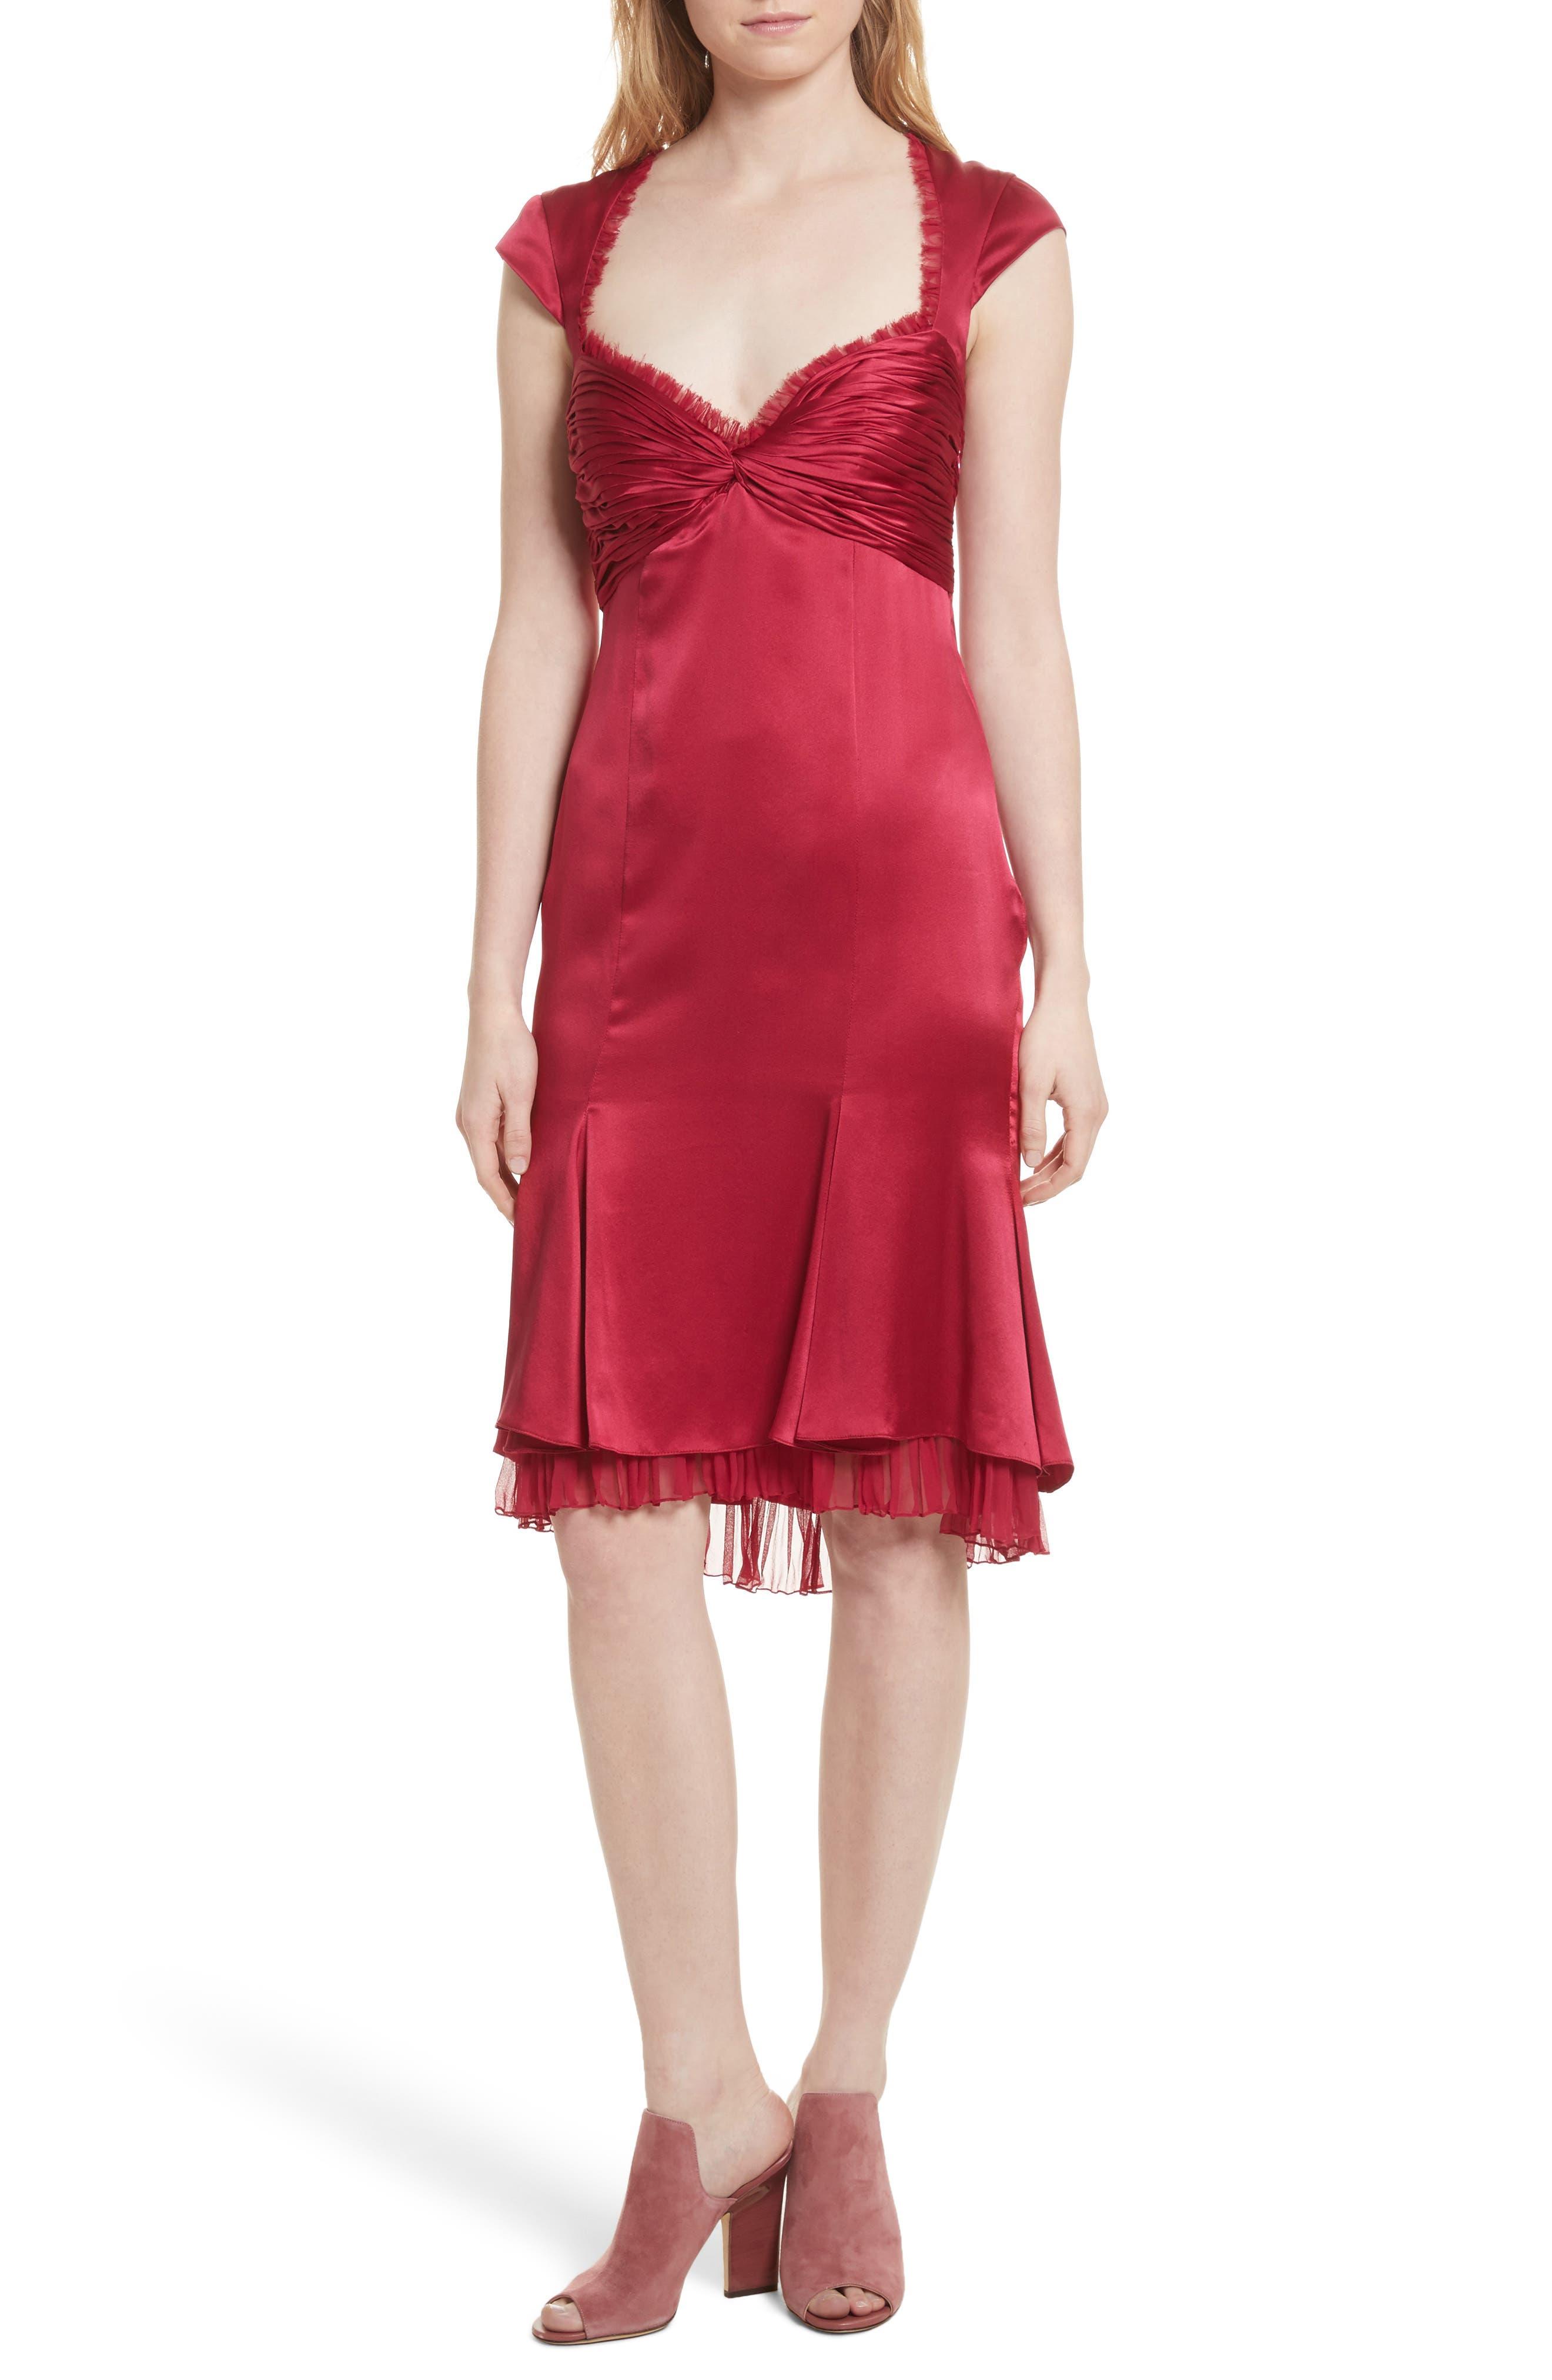 Marnie Satin Dress,                             Main thumbnail 1, color,                             698